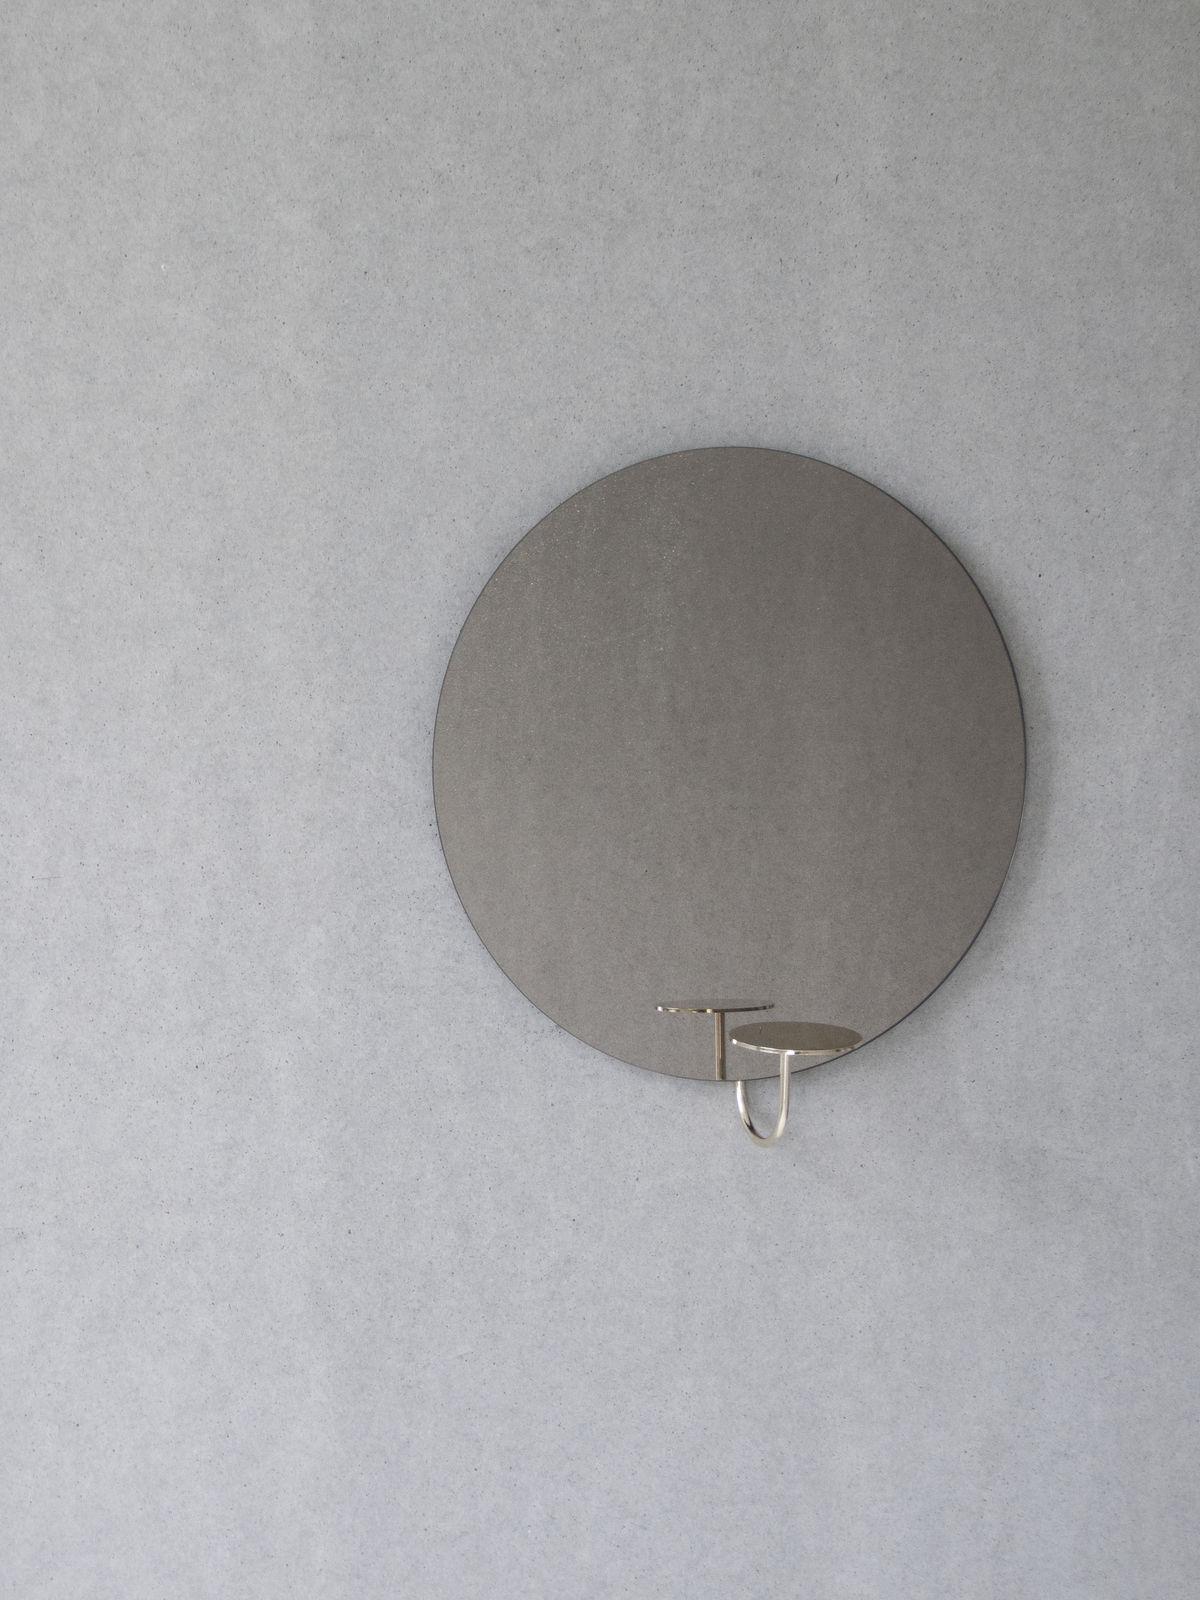 Friends & Founders Miró Miró Mirror - Round/Bronze